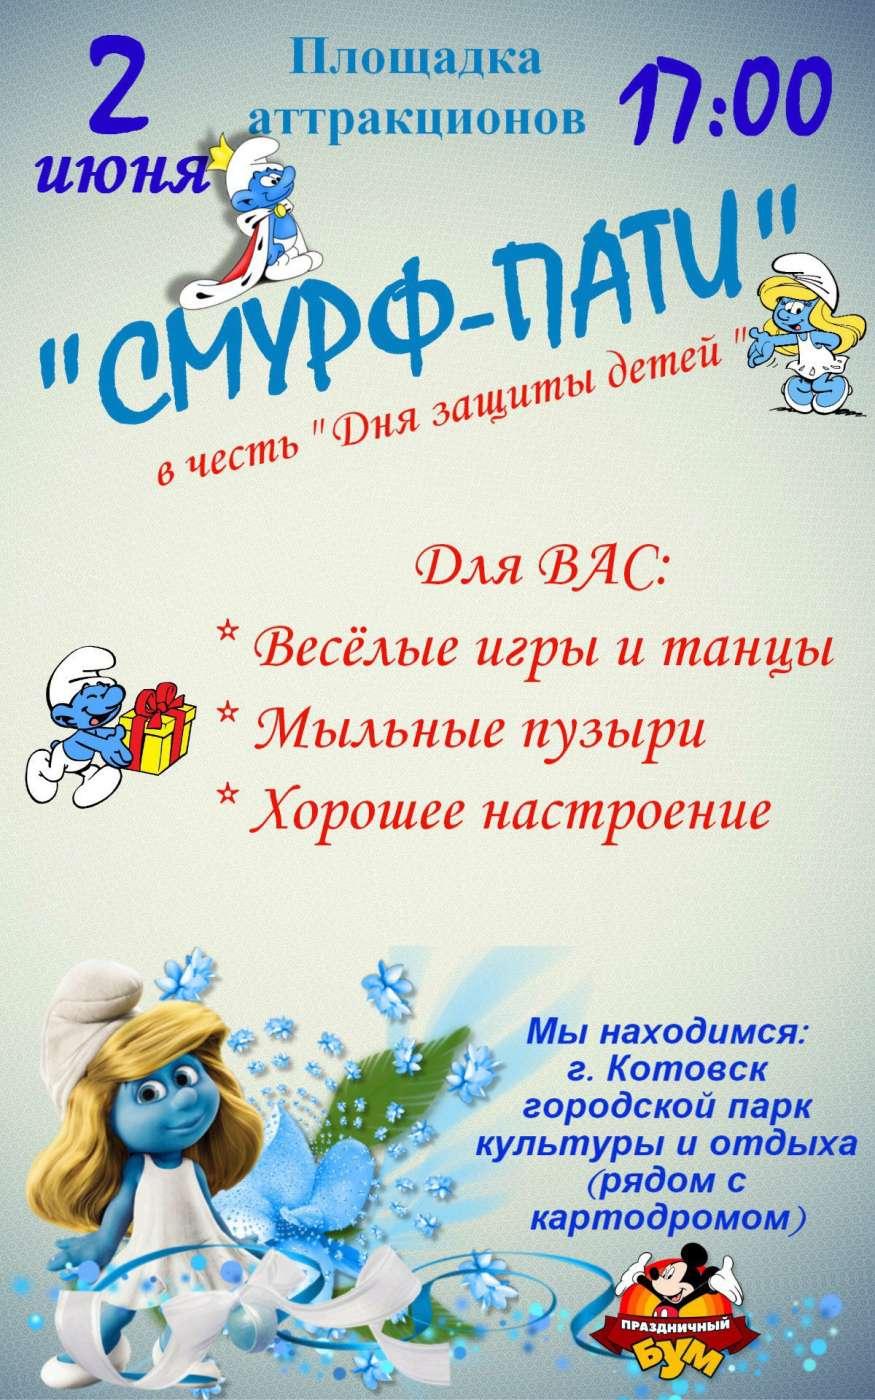 Развлекательная программа в честь Дня защиты детей